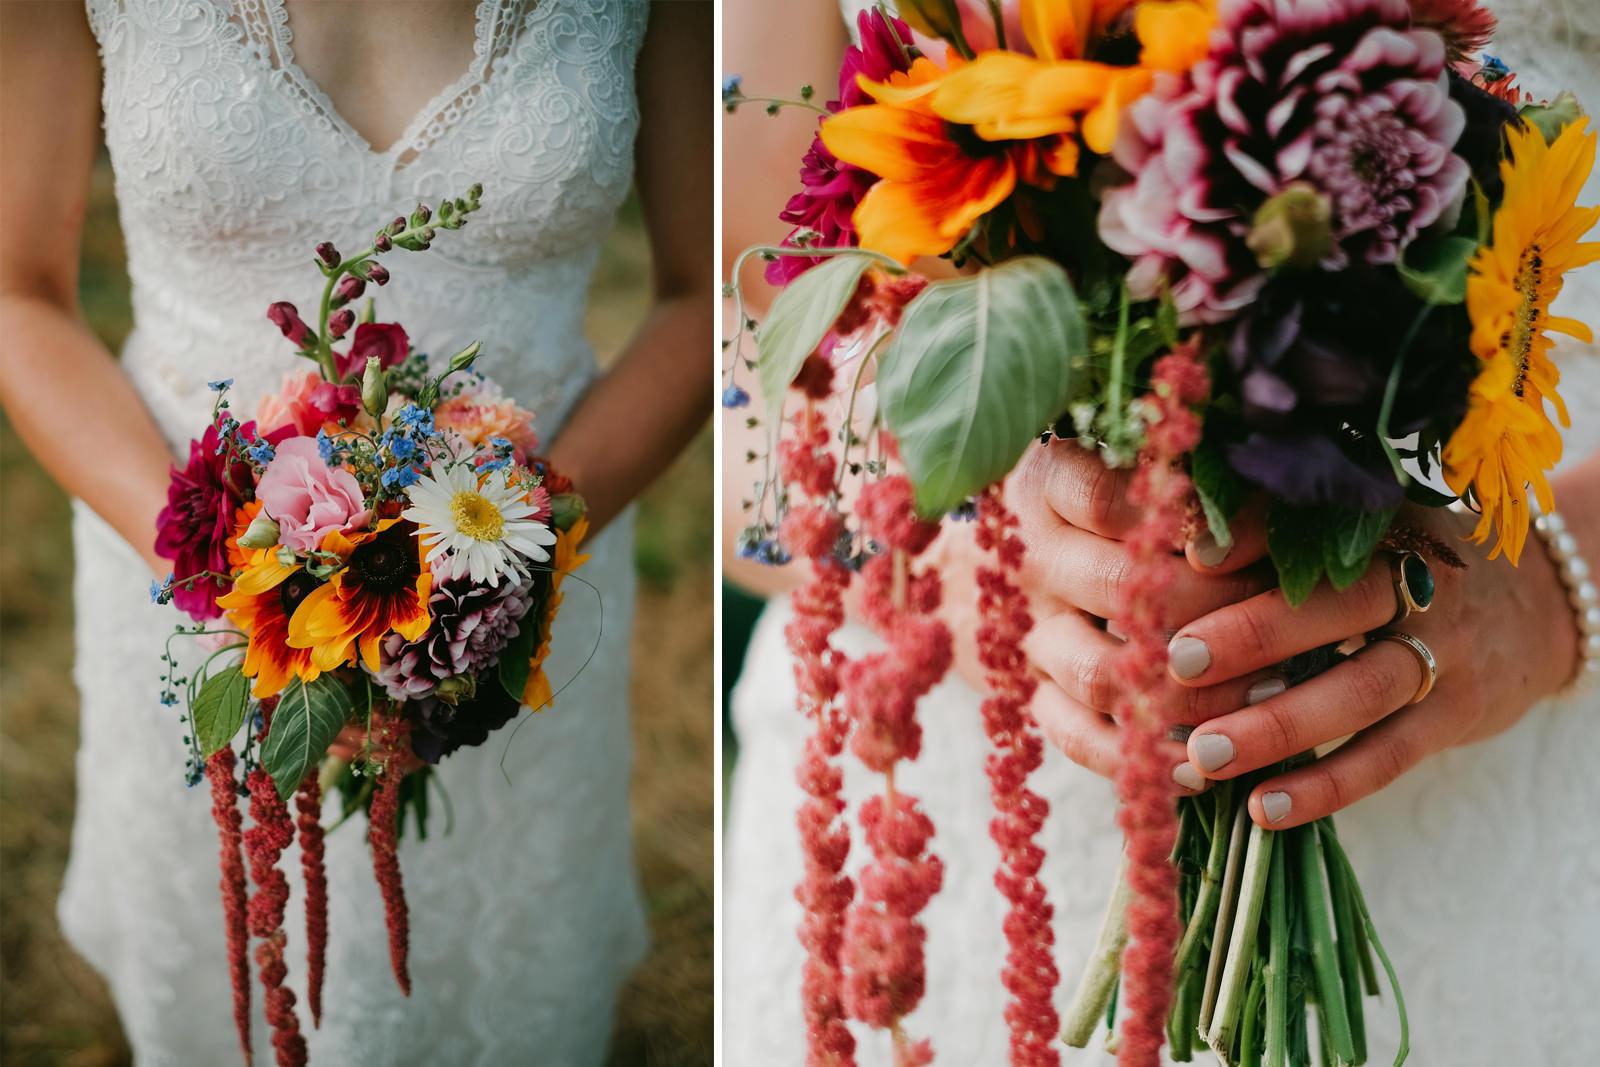 halifax-wedding-photographer-bouquet.jpg